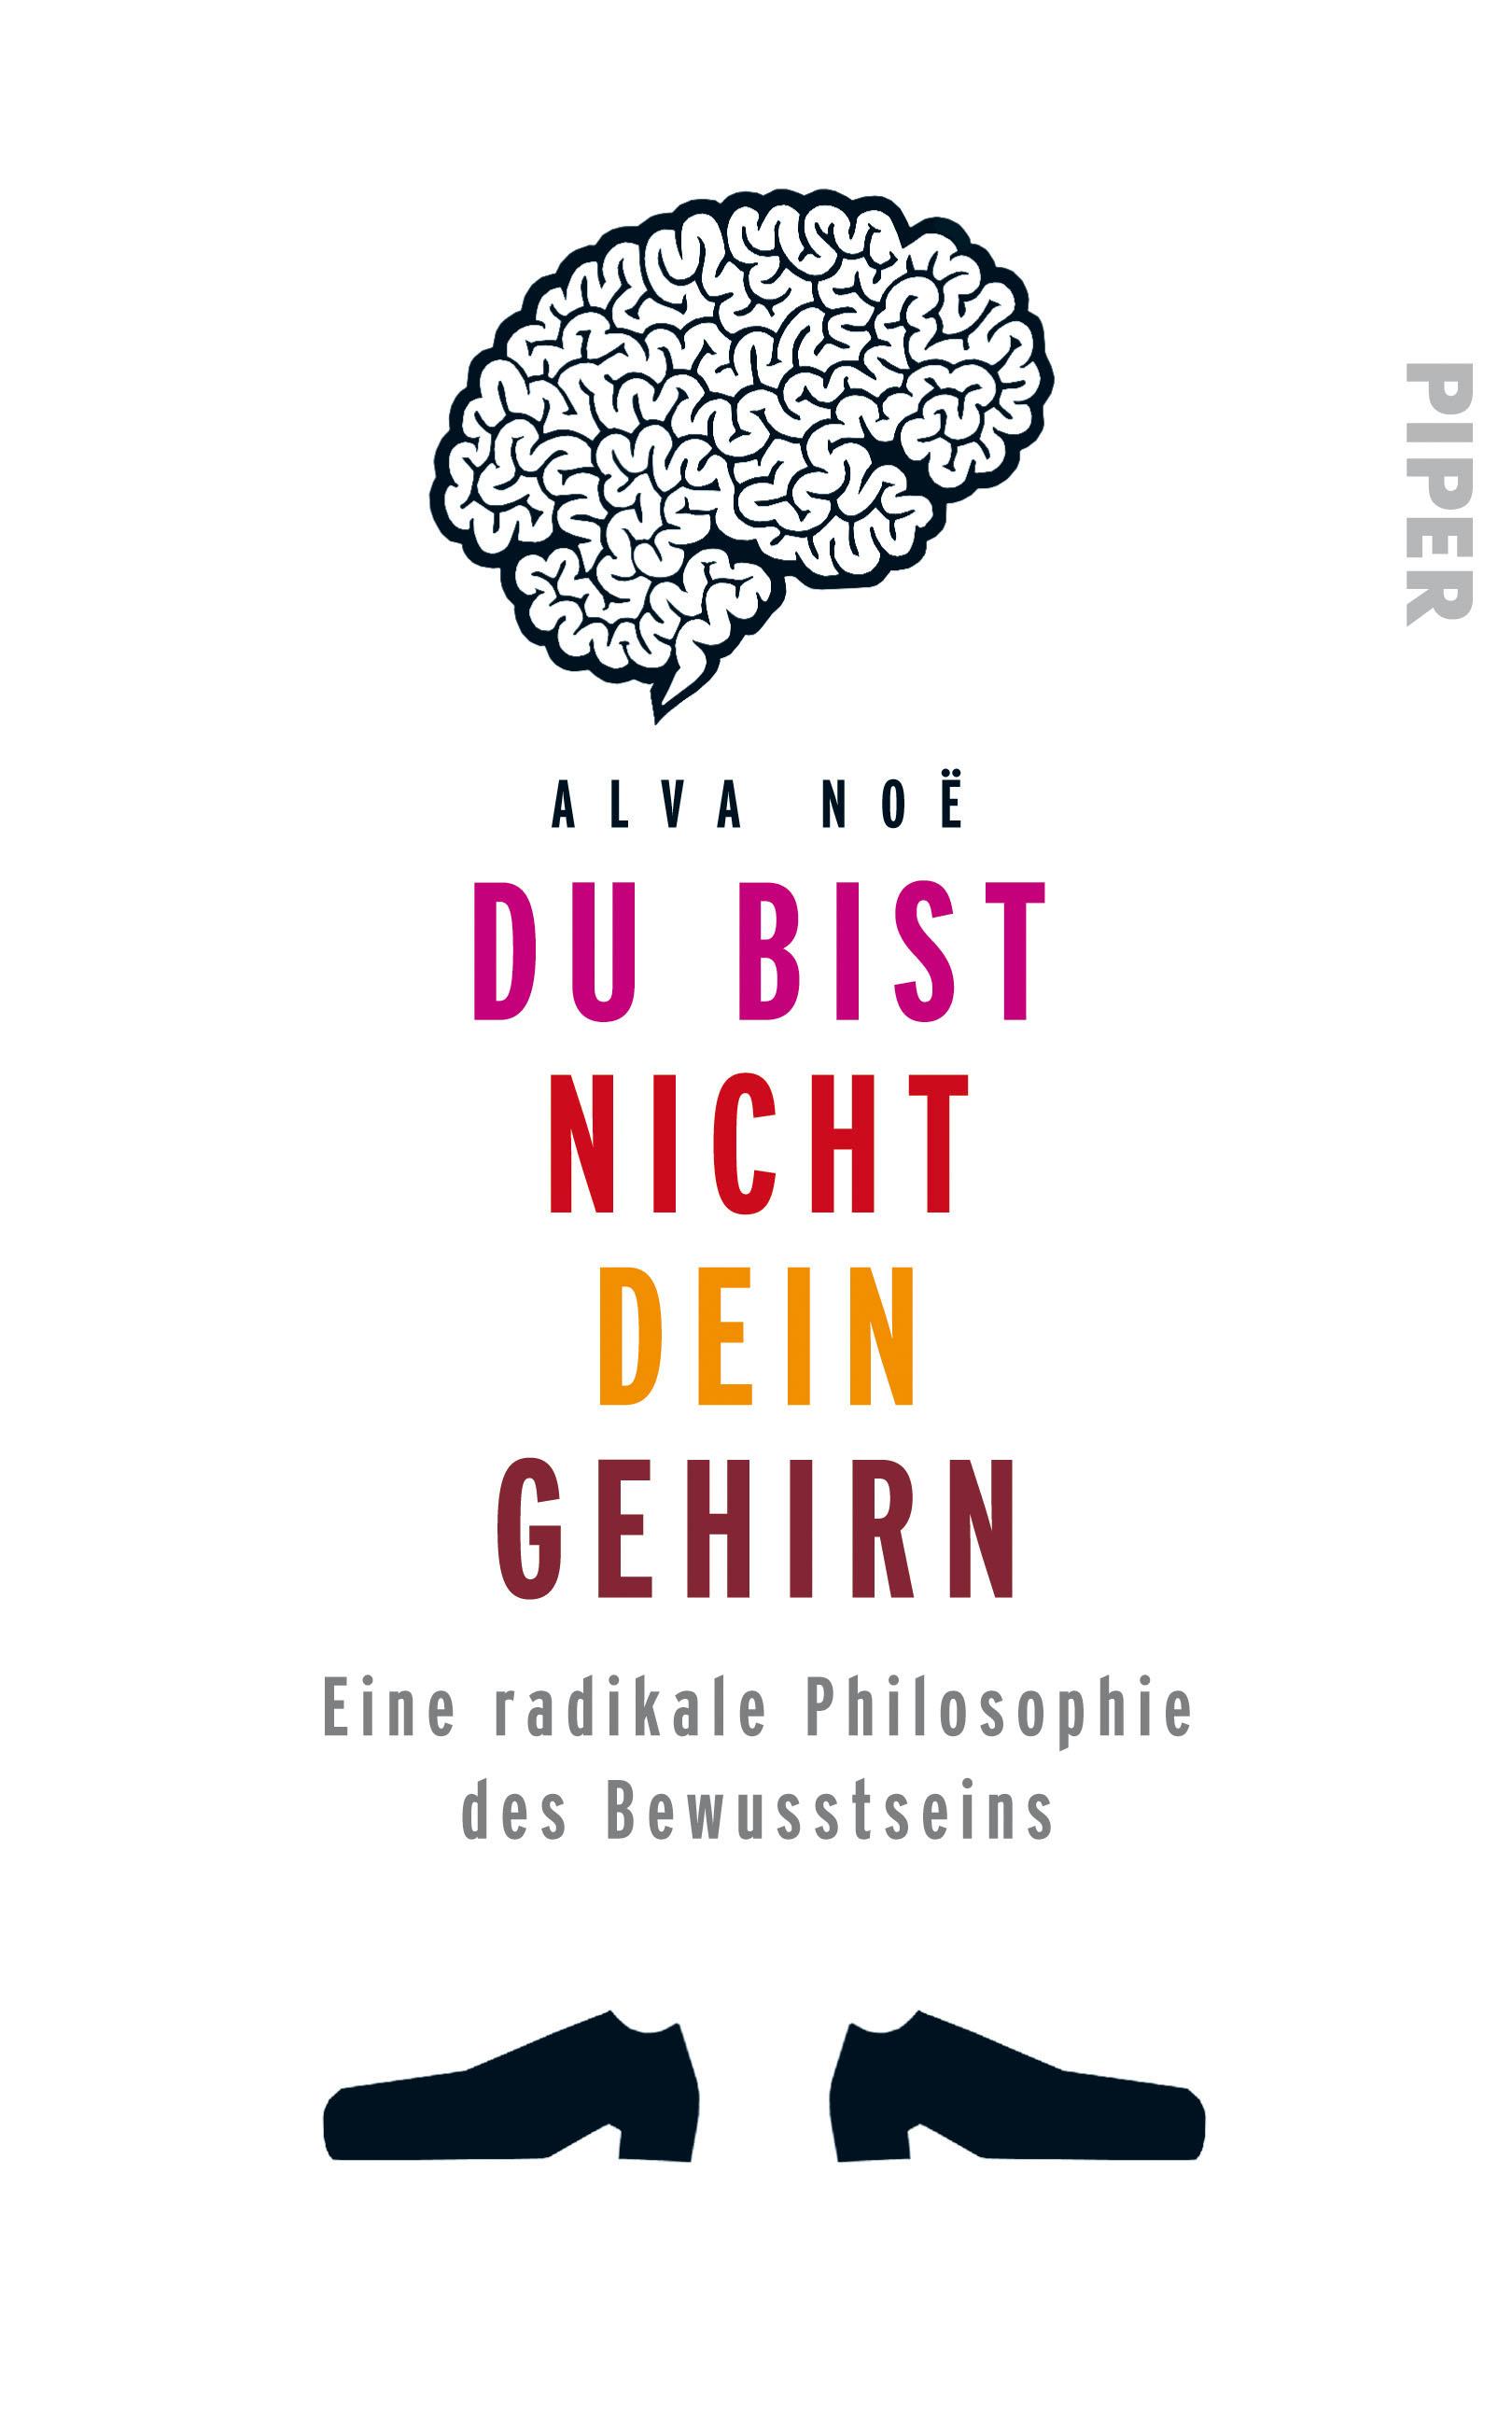 Du bist nicht dein Gehirn: Eine radikale Philosophie des Bewusstseins - Alva Noë